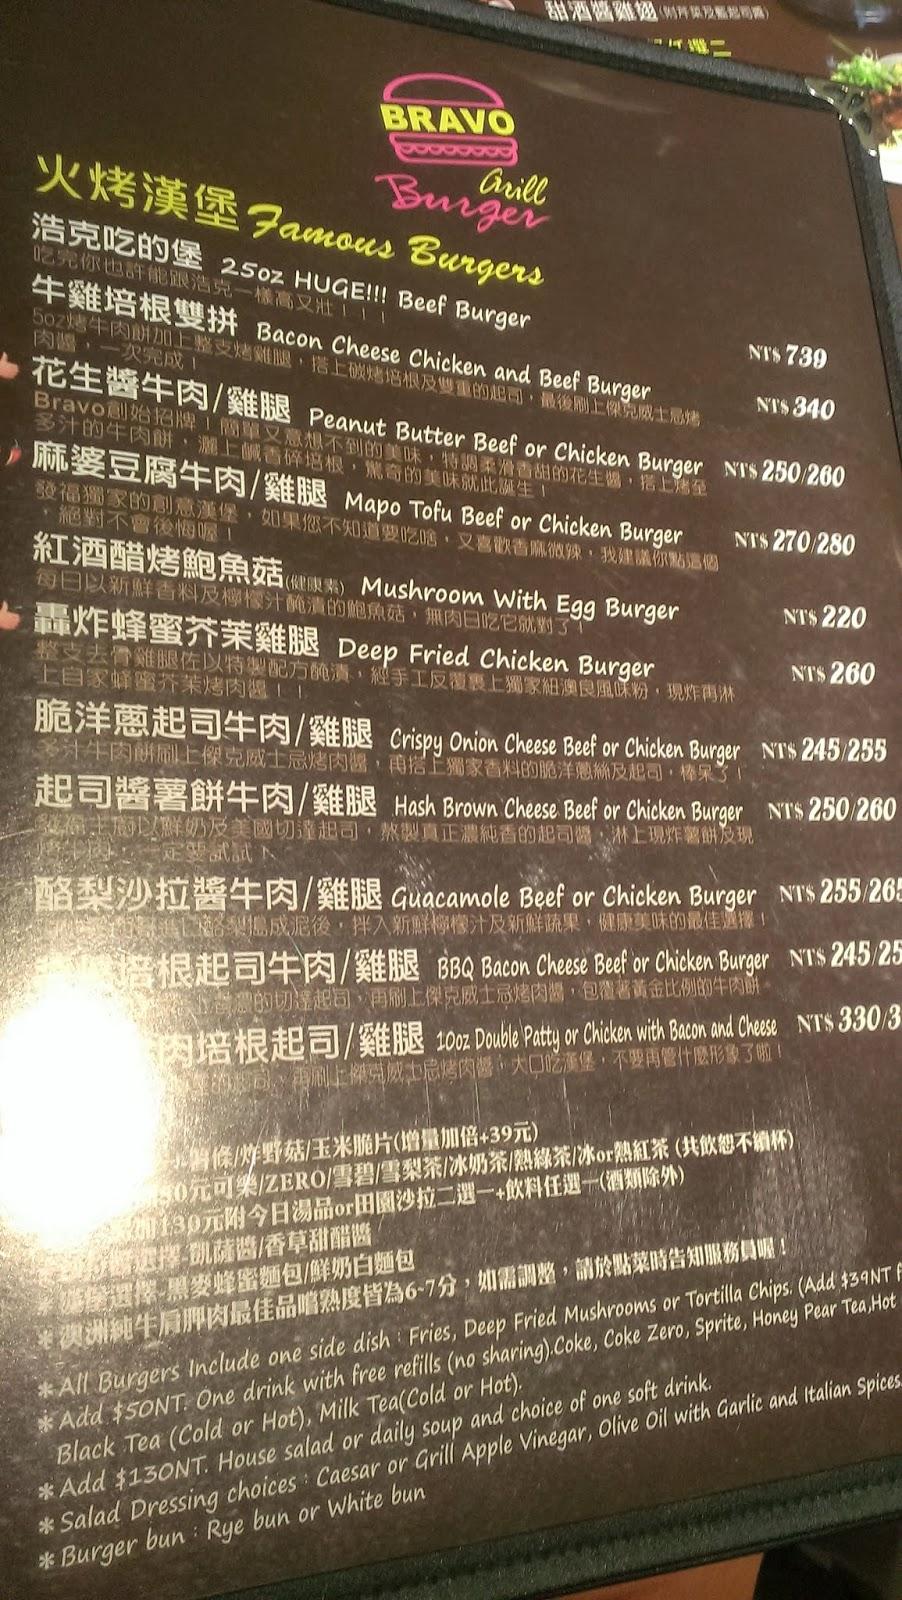 2014 07 27+18.05.56 - [食記] Bravo Burger 發福廚房 - 大口咬下美式漢堡,滿滿的熱量,滿滿幸福!